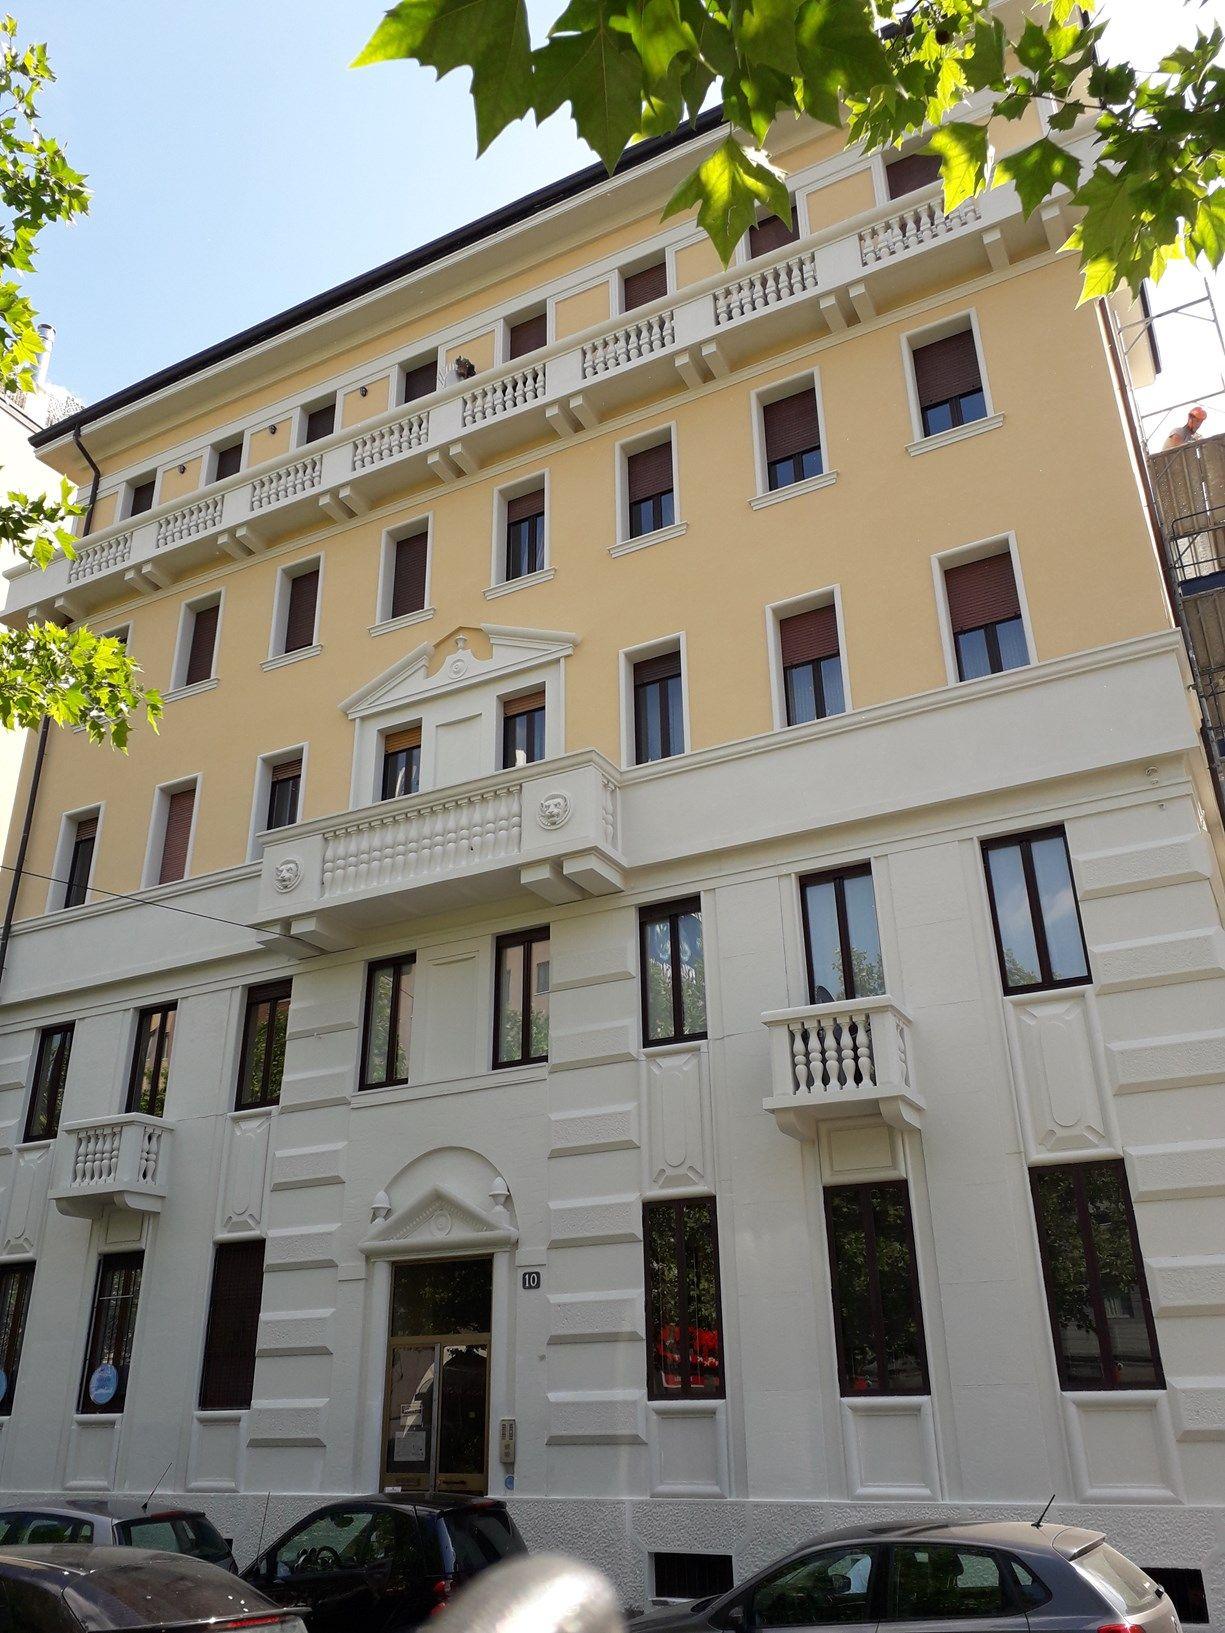 ENEL X, Teicos Group e ROCKWOOL completano la riqualificazione energetica del condominio di viale Murillo 10 a Milano